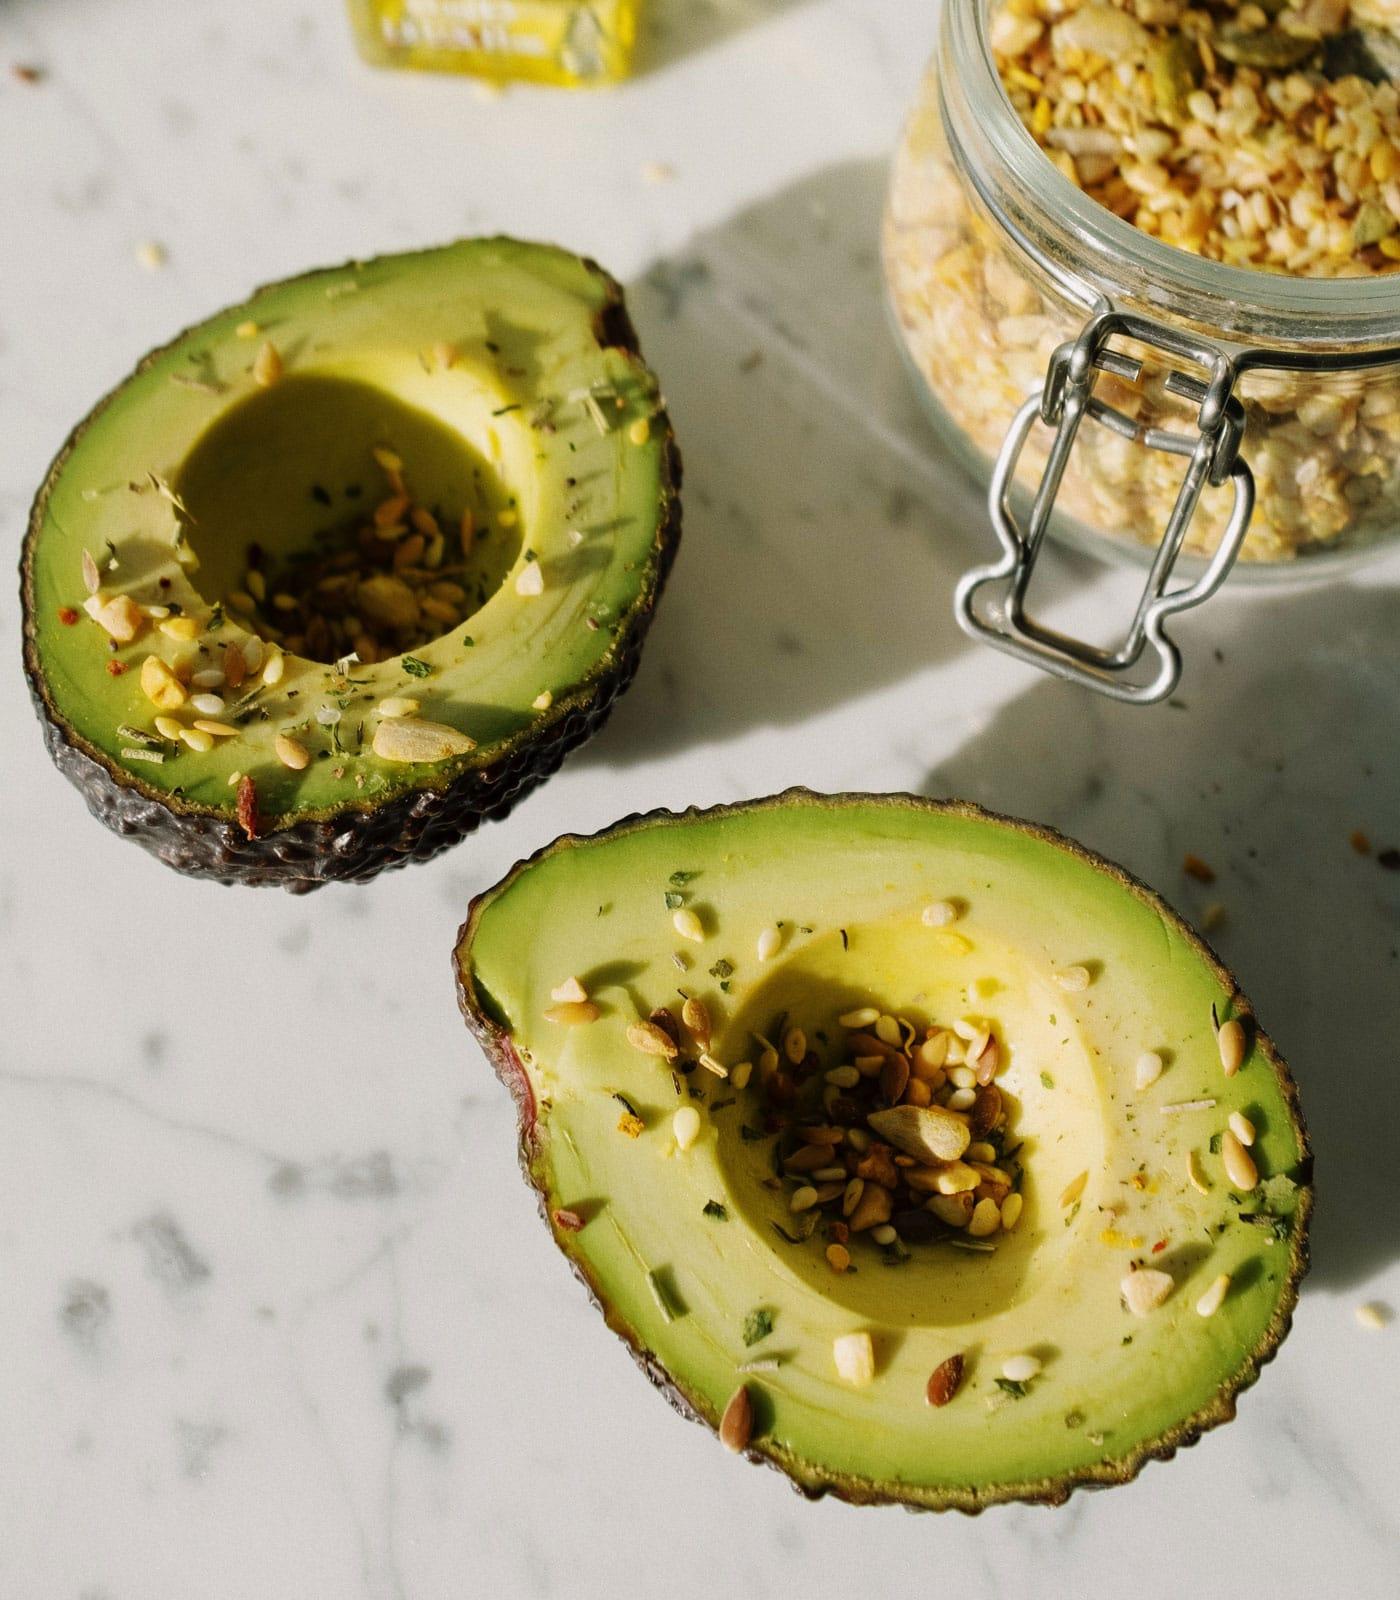 Vegetarische Kost für Kinder und Teenager: Avocados und Nüsse // HIMBEER